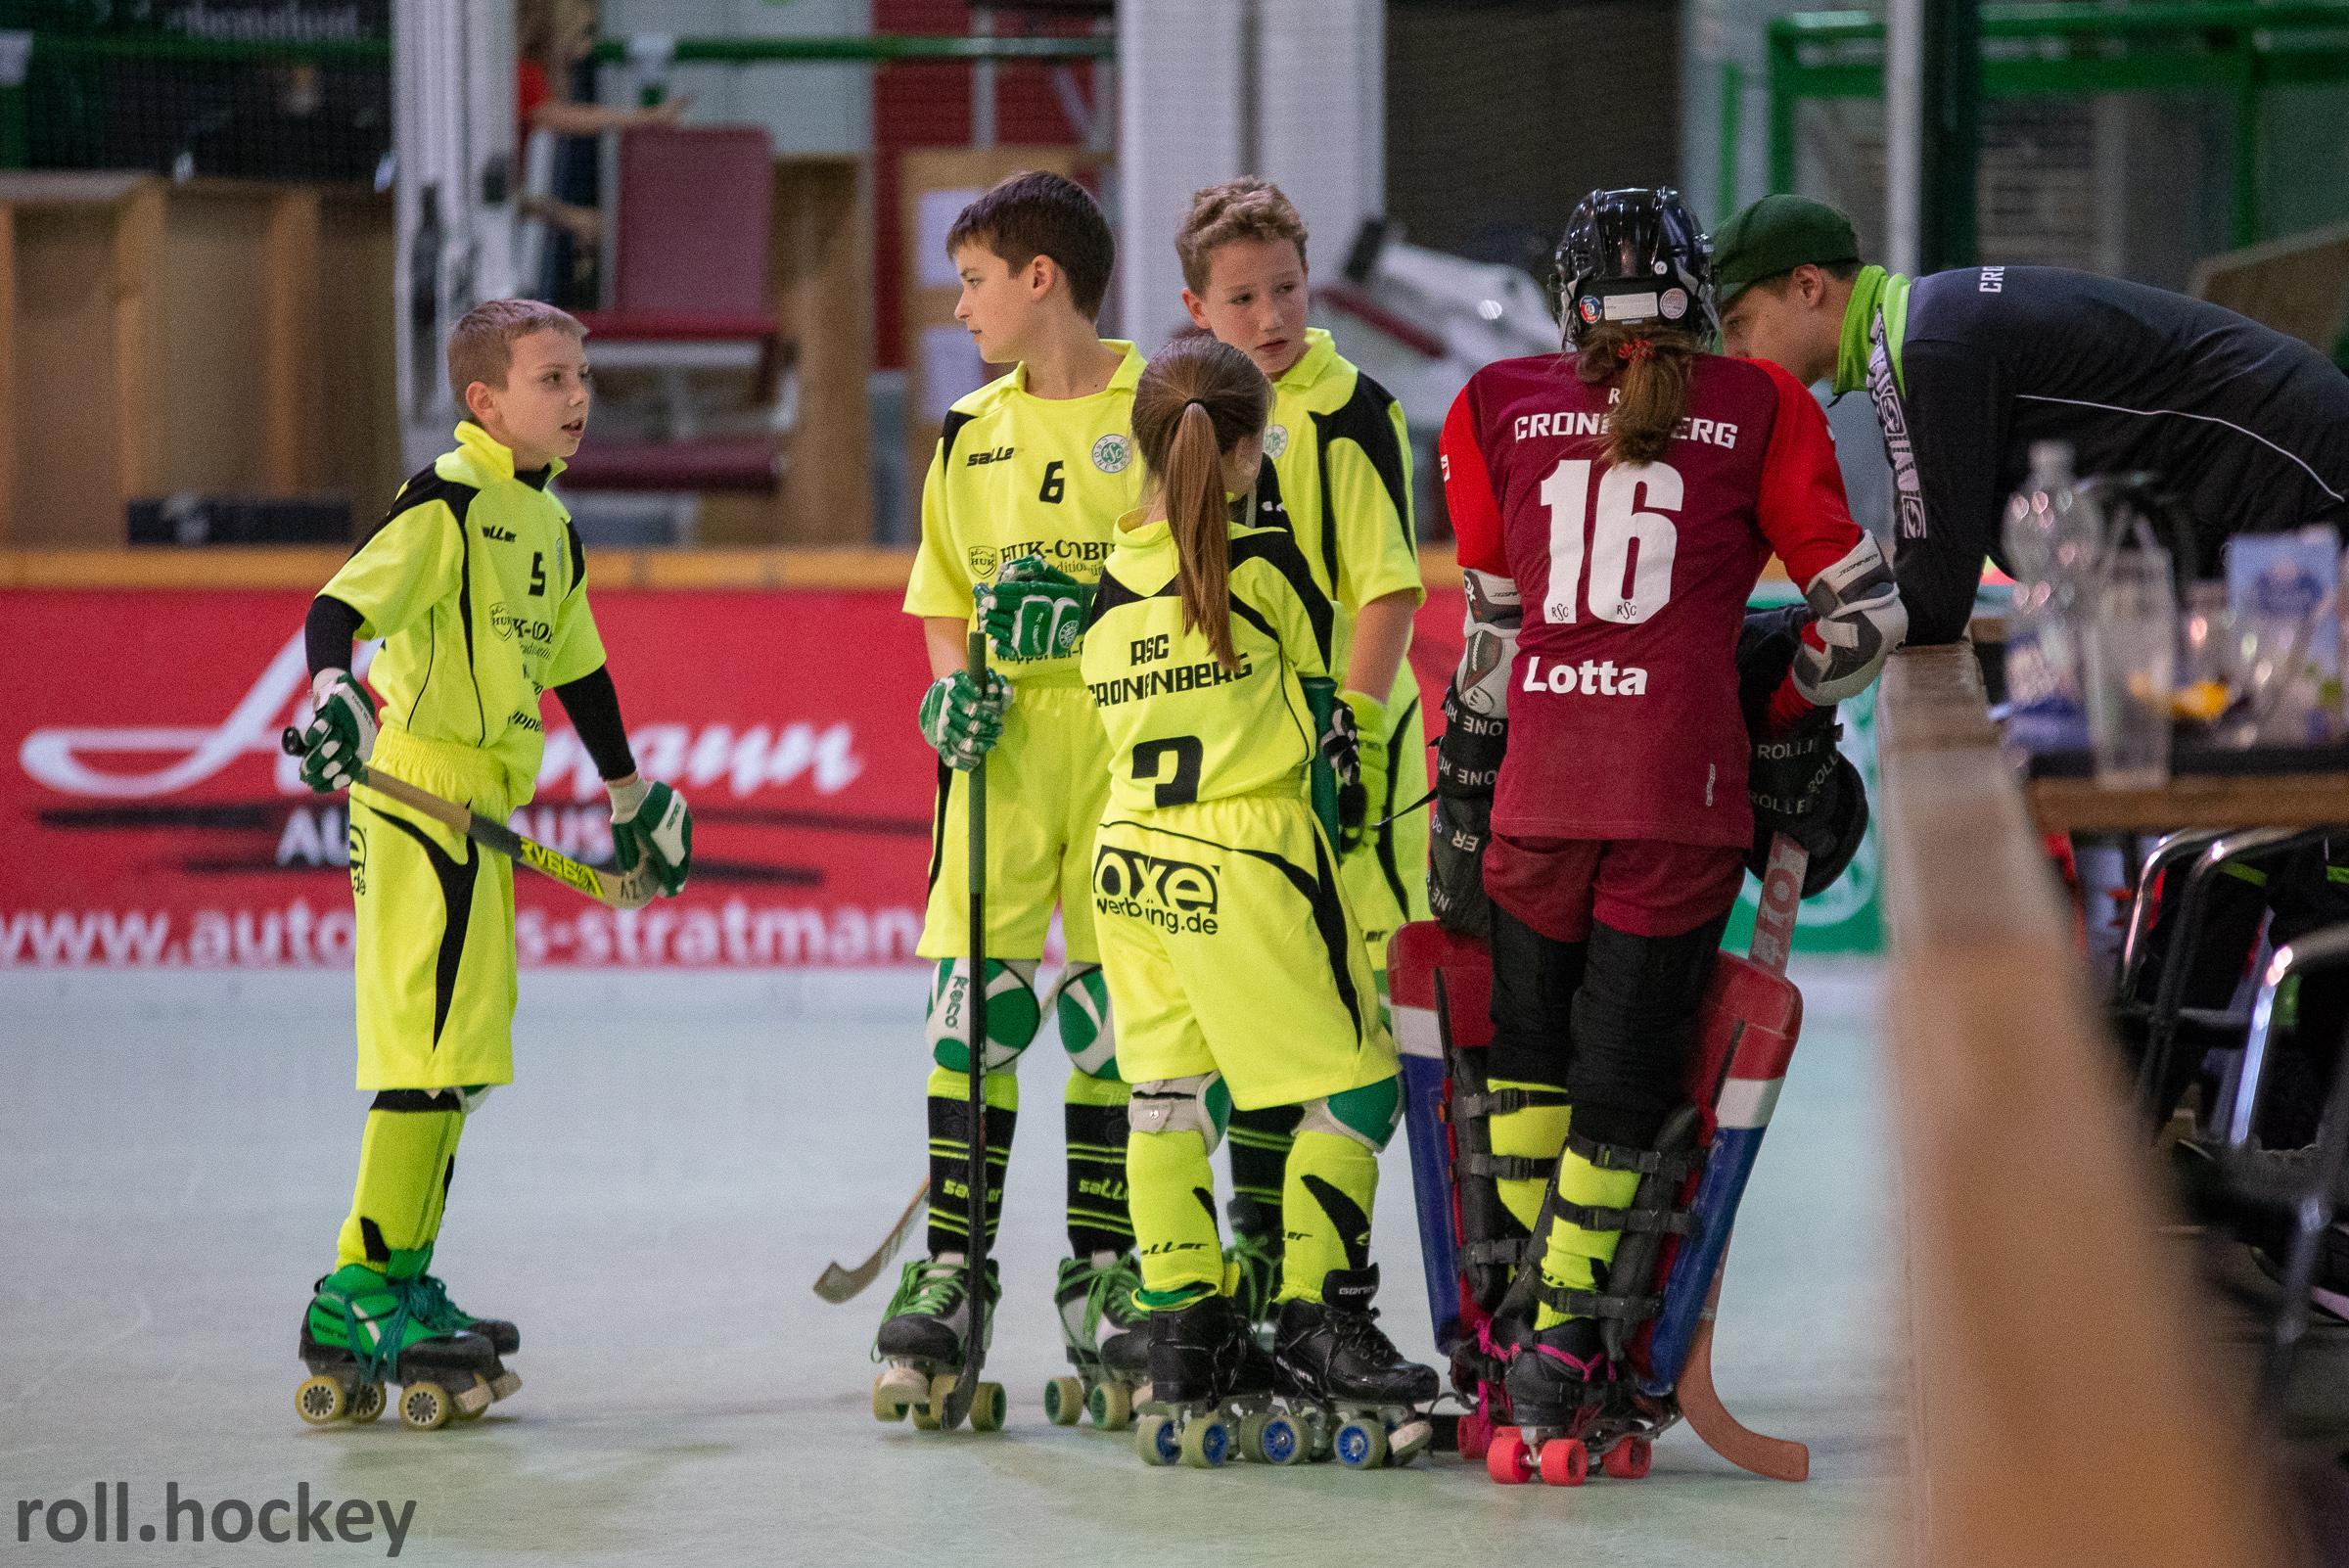 RSC Cronenberg Spieltag U13 02.12.2018